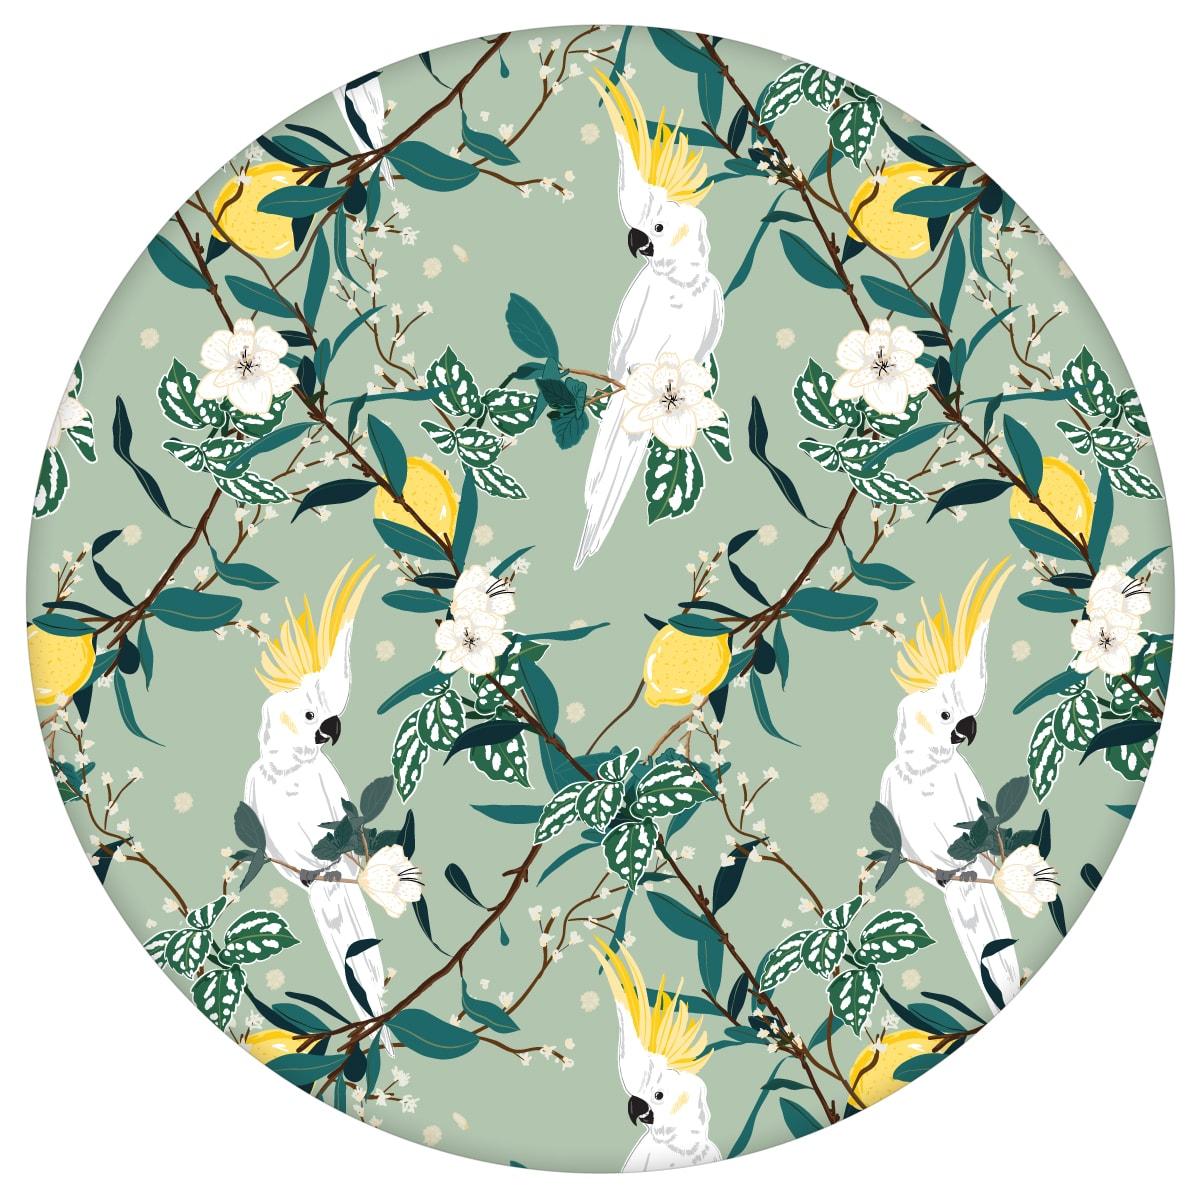 """Exotische """"Tropical Summer"""" Tapete mit Zitronen & Kakadus, mint grüne Vlies-Tapete Blumen Tiere, schöne Wanddeko für Schlafzimmer"""